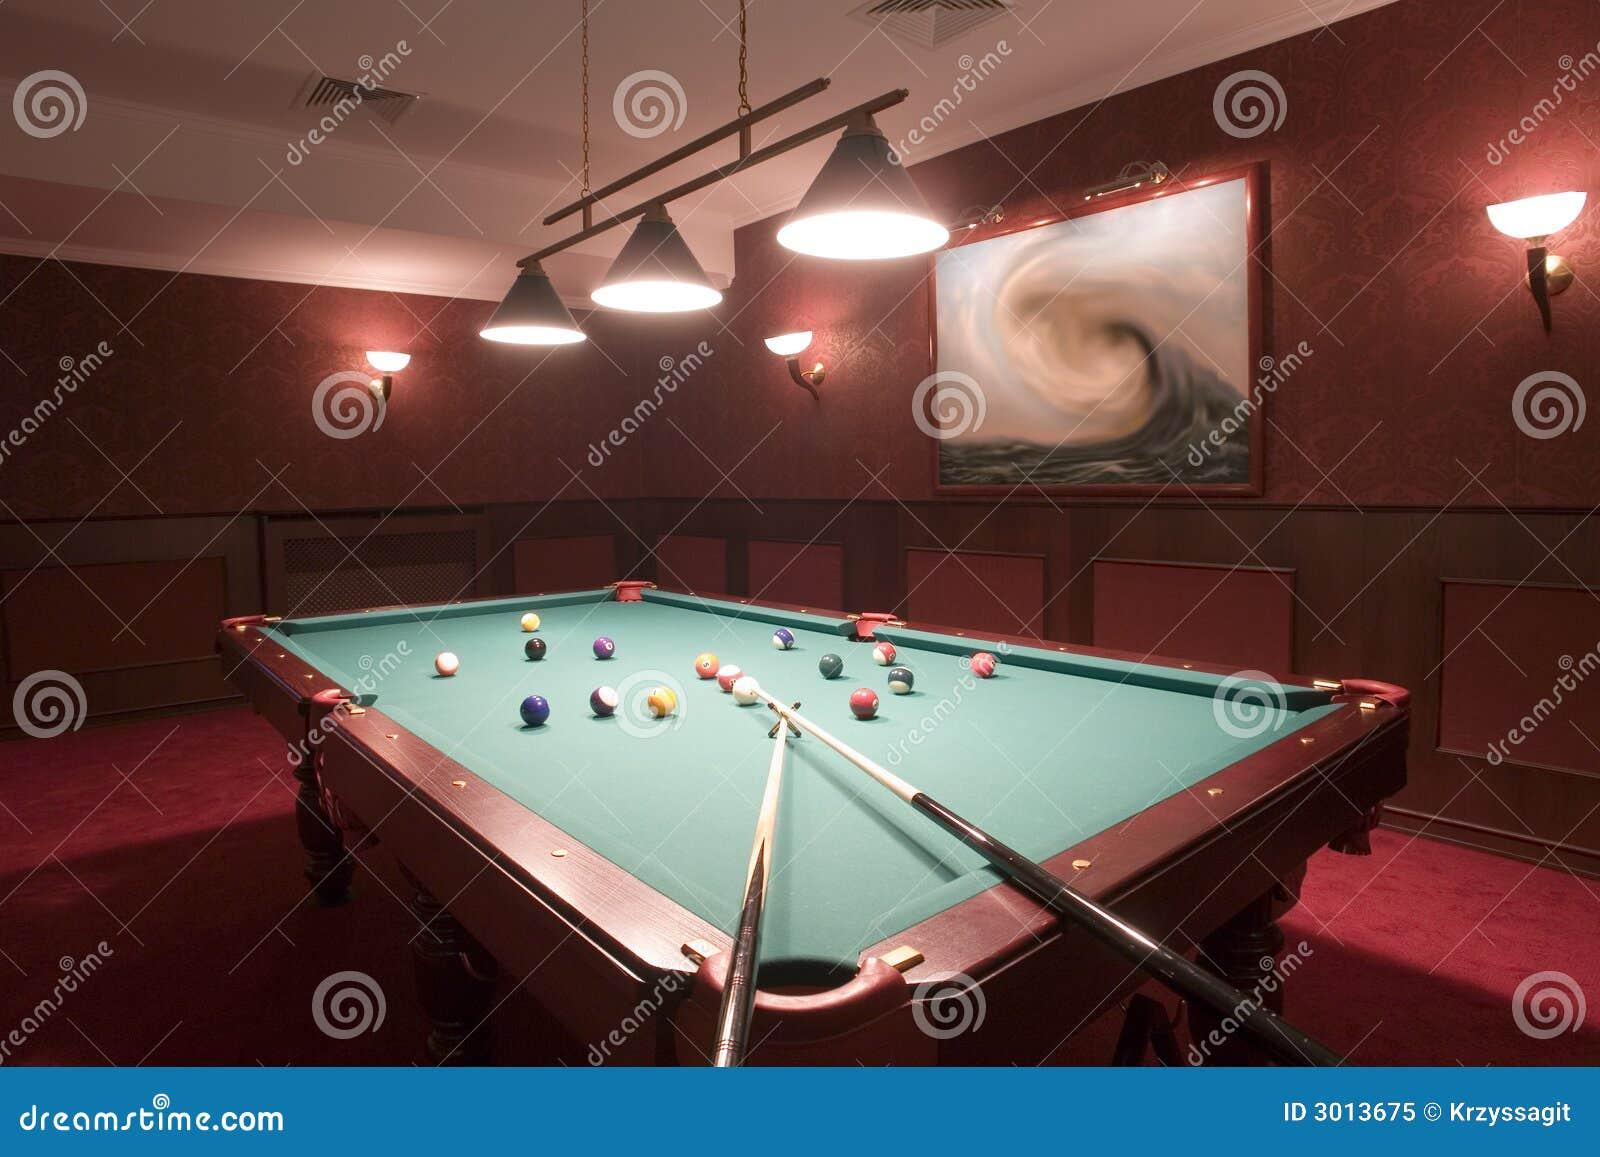 Pool Table/Billiards